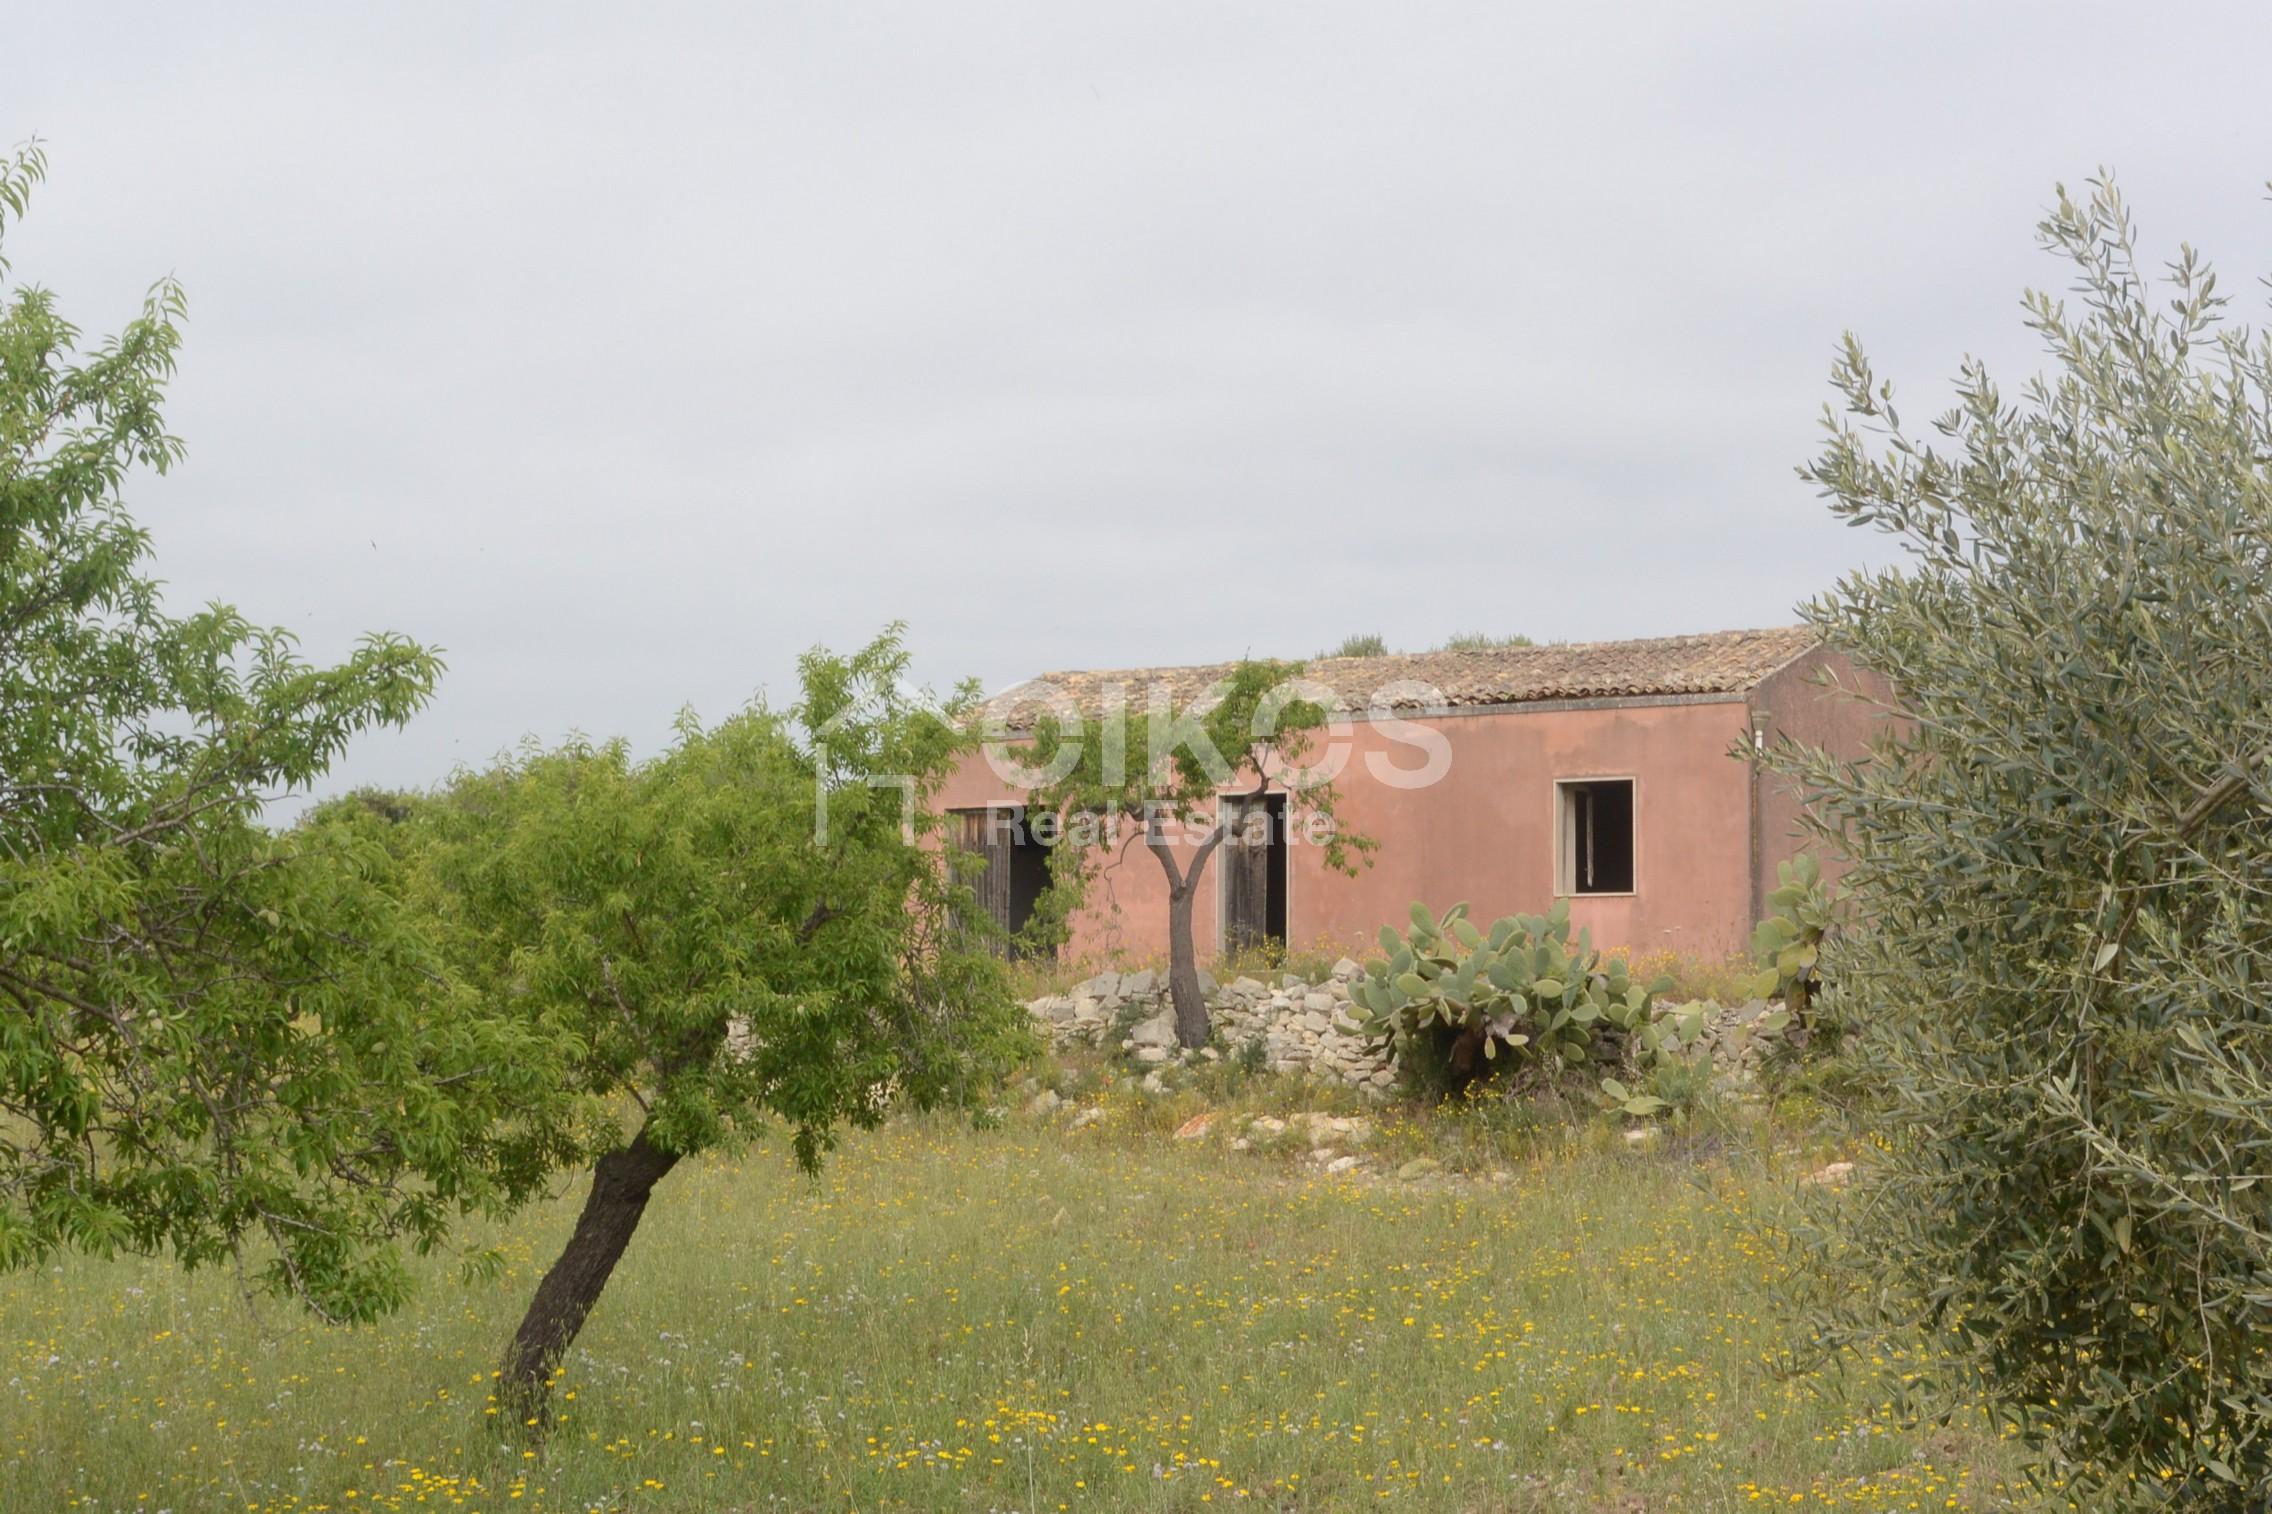 Casa con terreno in c da Renna1